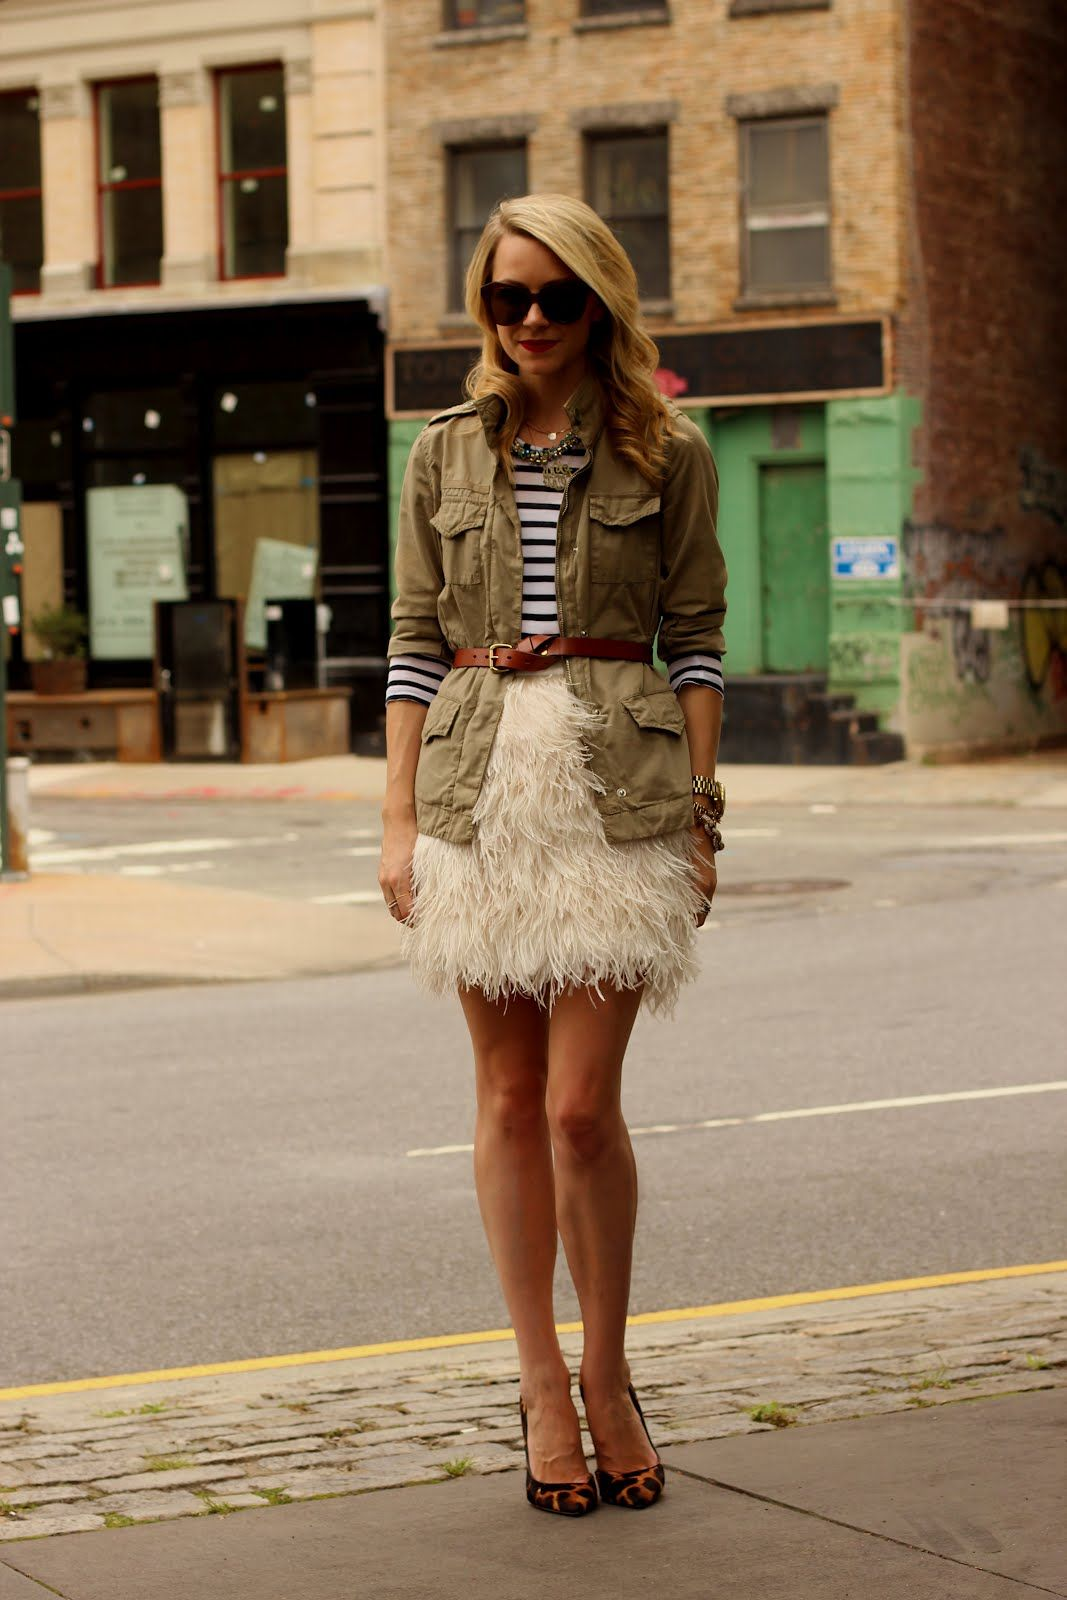 feathered skirt with stripes via @Blair Eadie - amazing!!!